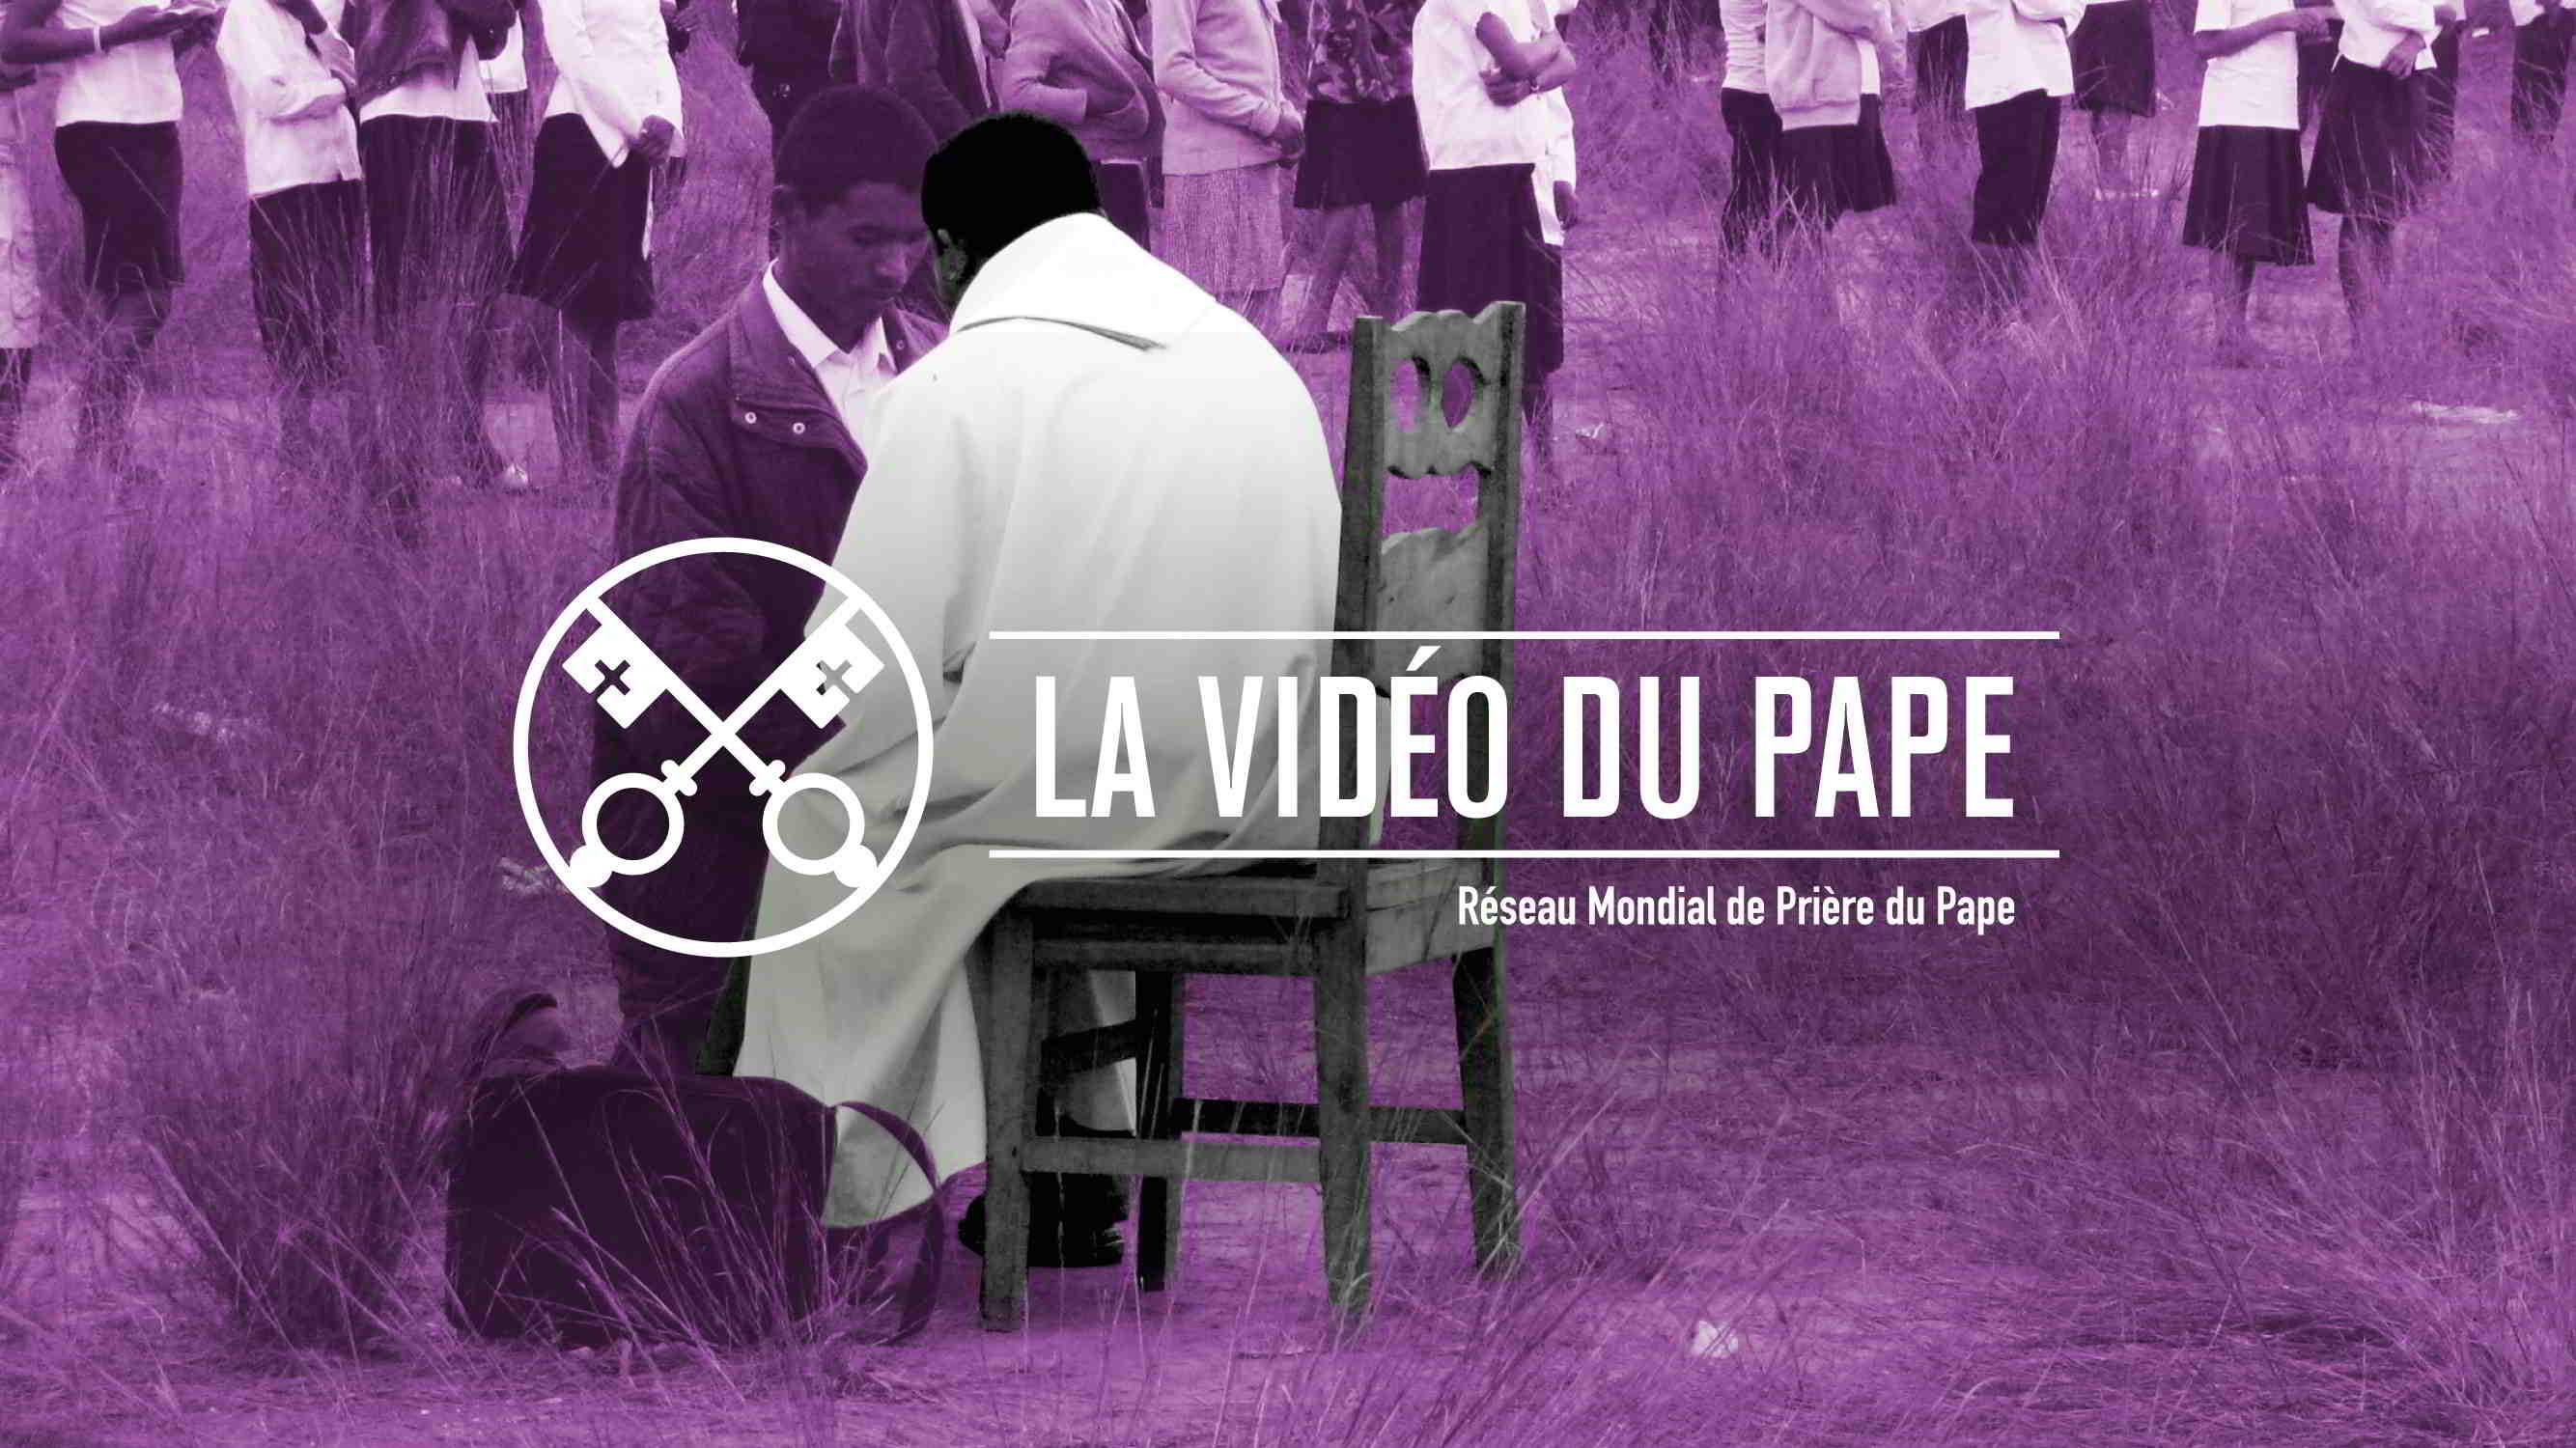 Official-Image-TPV-6-2019-5-FR-Style-de-vie-des-prêtres